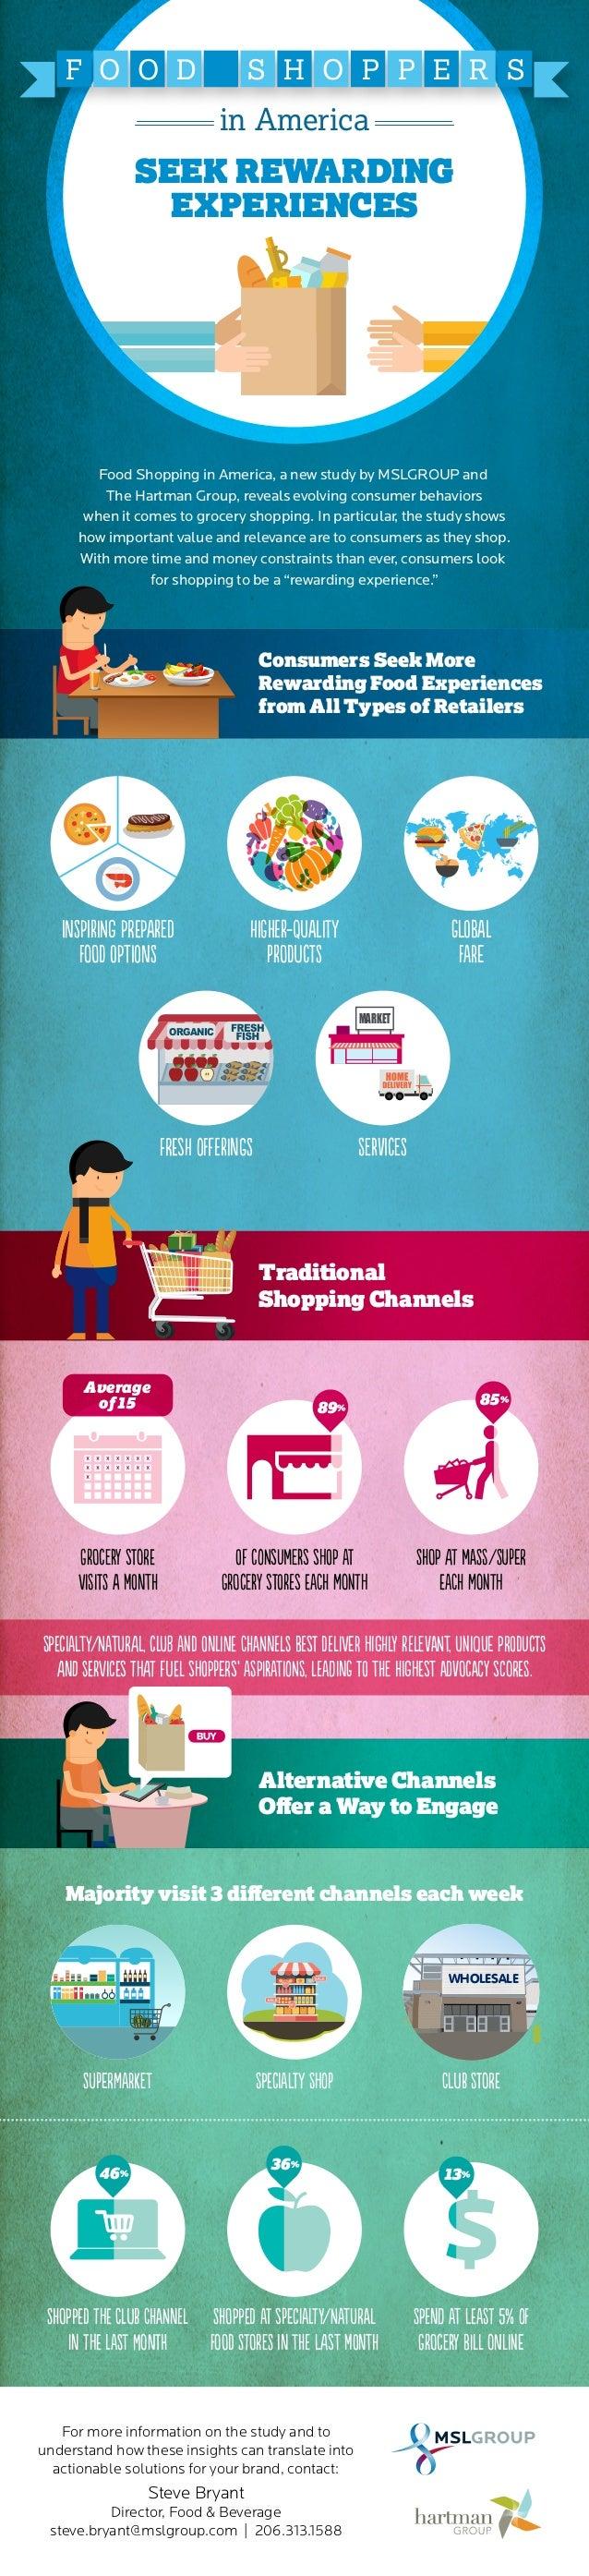 Food Shoppers in America: Seek Rewarding Experiences